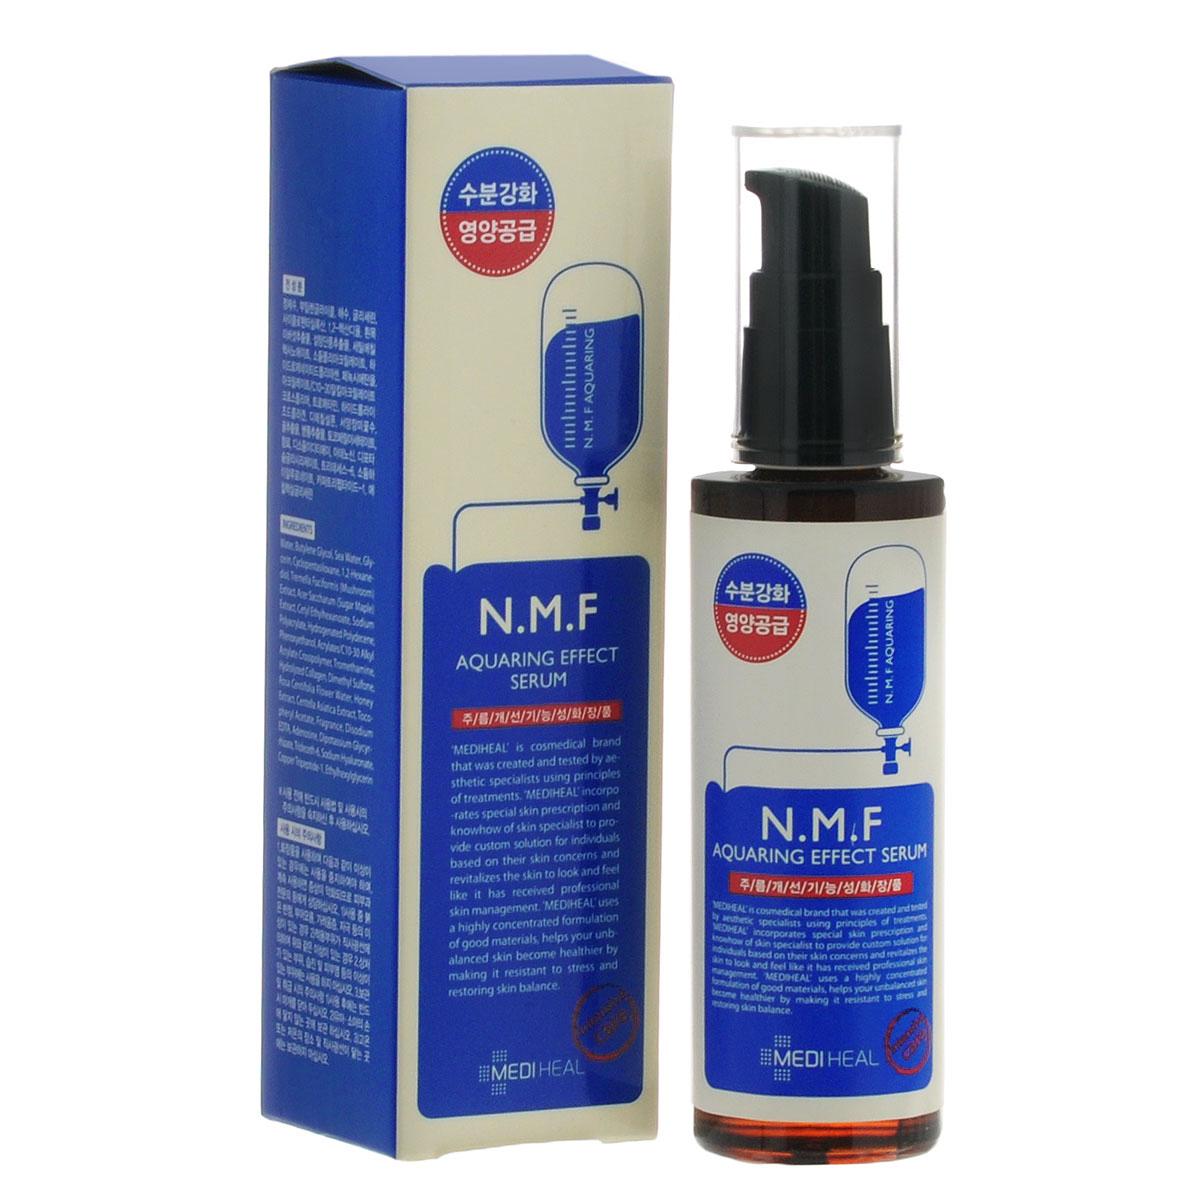 Beauty Clinic Сыворотка для лица Aquaring Effect, с N.M.F., увлажняющая, 50 мл38791205Сыворотка содержит N.M.F. и другие активные увлажняющие и подтягивающие компоненты, такие как глубинная морская вода, гиалуроновая кислота, экстракты древесного гриба, сахарного клена, меда, центеллы азиатской. Интенсивно увлажняет, подтягивает и питает кожу, придает ей свежий вид. Способствует разглаживанию морщин.NMF (натуральный увлажняющий фактор) - это сложный комплекс молекул в роговом слое кожи, который способен притягивать и удерживать влагу, обеспечивать упругость и плотность рогового слоя кожи. В состав NMF входят низкомолекулярные пептиды, карбамид, пирролидонкарбоновая кислота, аминокислоты и т. д. При недостаточности увлажняющего фактора происходит обезвоживание эпидермиса. Глубинная морская вода содержит большое количество питательных веществ и 70 видов минералов, которые активно увлажняют кожу, придают ей здоровый вид, делают цвет кожи более естественным, выравнивают тон кожи. Экстракт клена сахарного ускоряет процесс обновления клеток, устраняет омертвевшие клетки эпидермиса и делает кожу более гладкой и свежей. Товар сертифицирован.